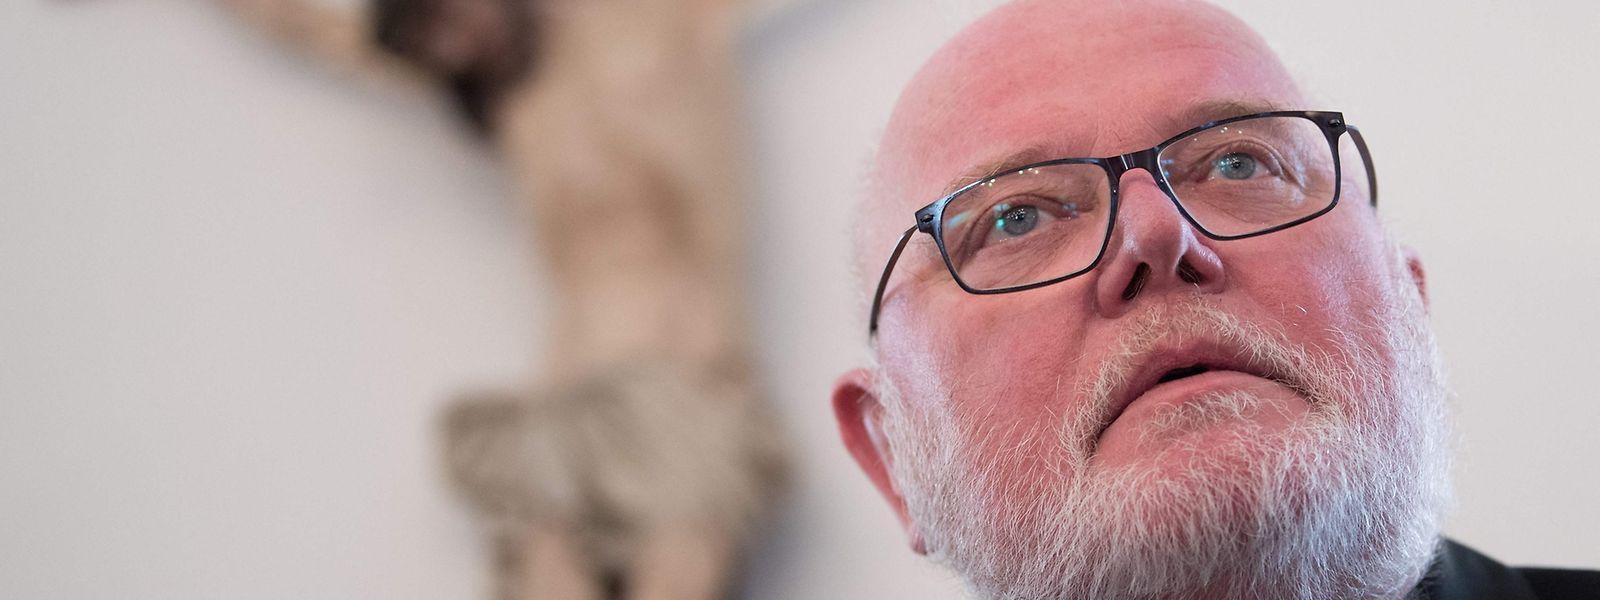 Kardinal Reinhard Marx ist einer der bekanntesten Kirchenmänner in Deutschland. Von 2014 bis 2020 war er der Vorsitzende der Deutschen Bischofskonferenz.